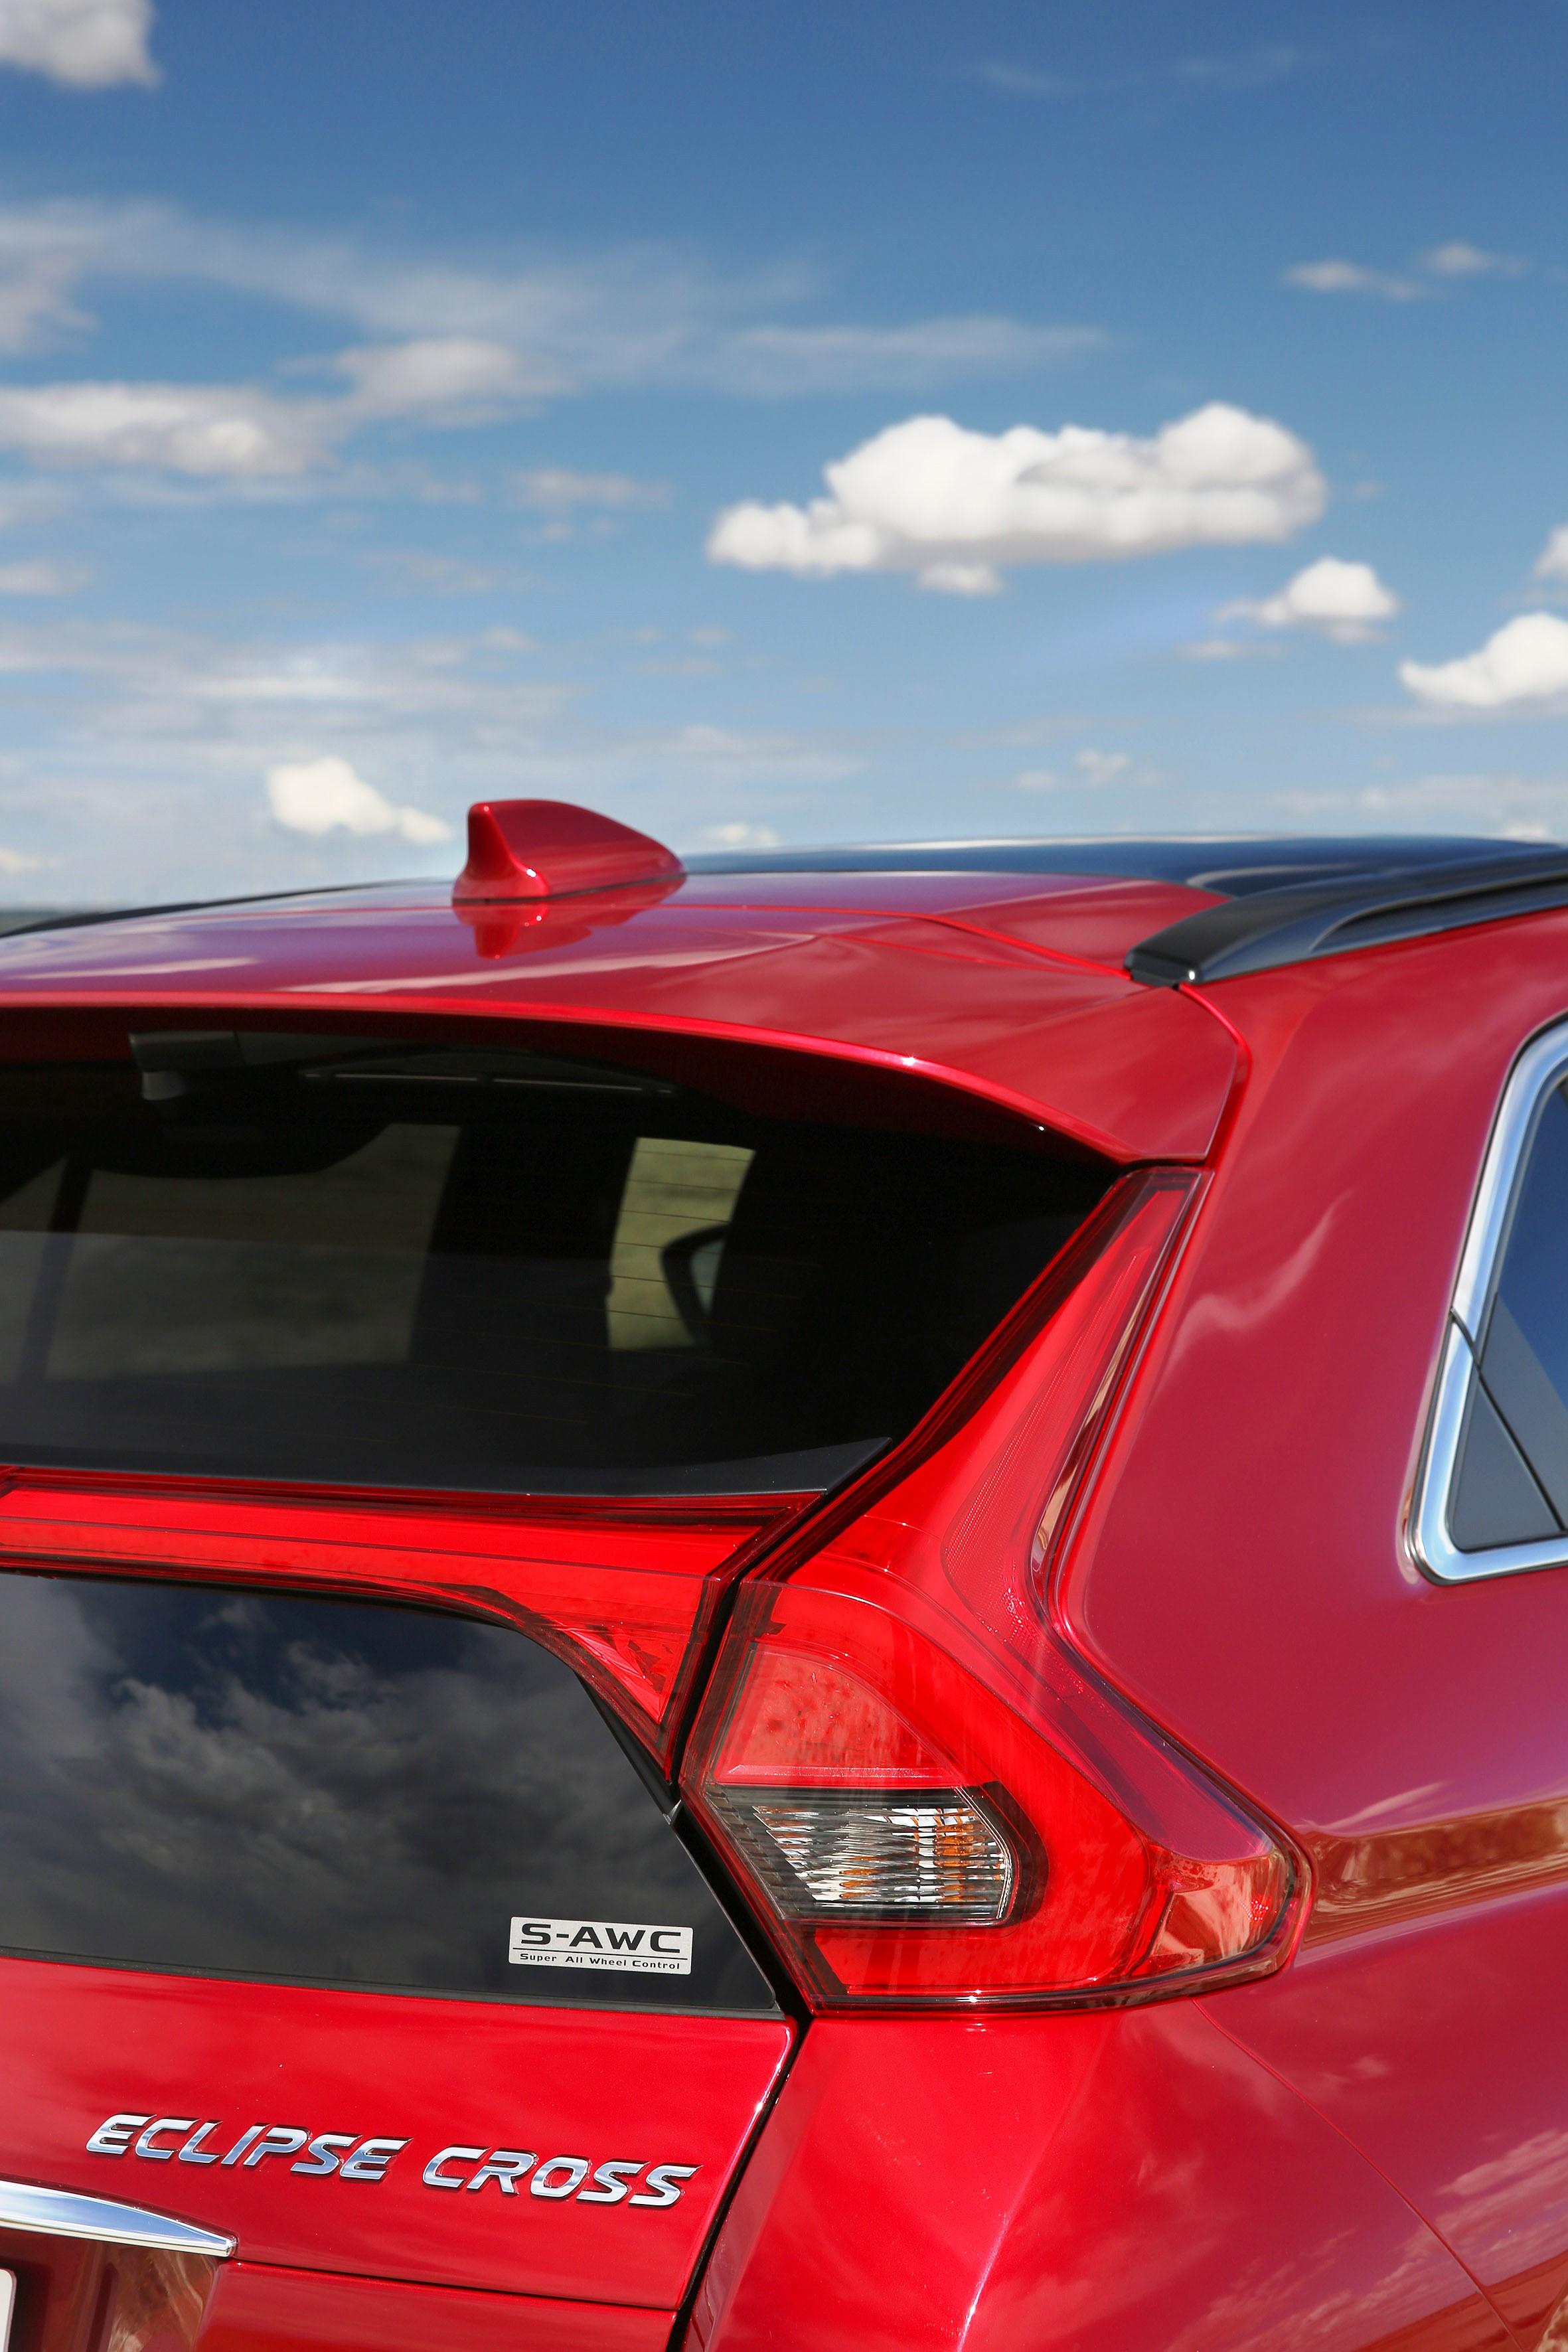 Der Mitsubishi Eclipse Cross Gibt Sich Sportlich Und Elegant